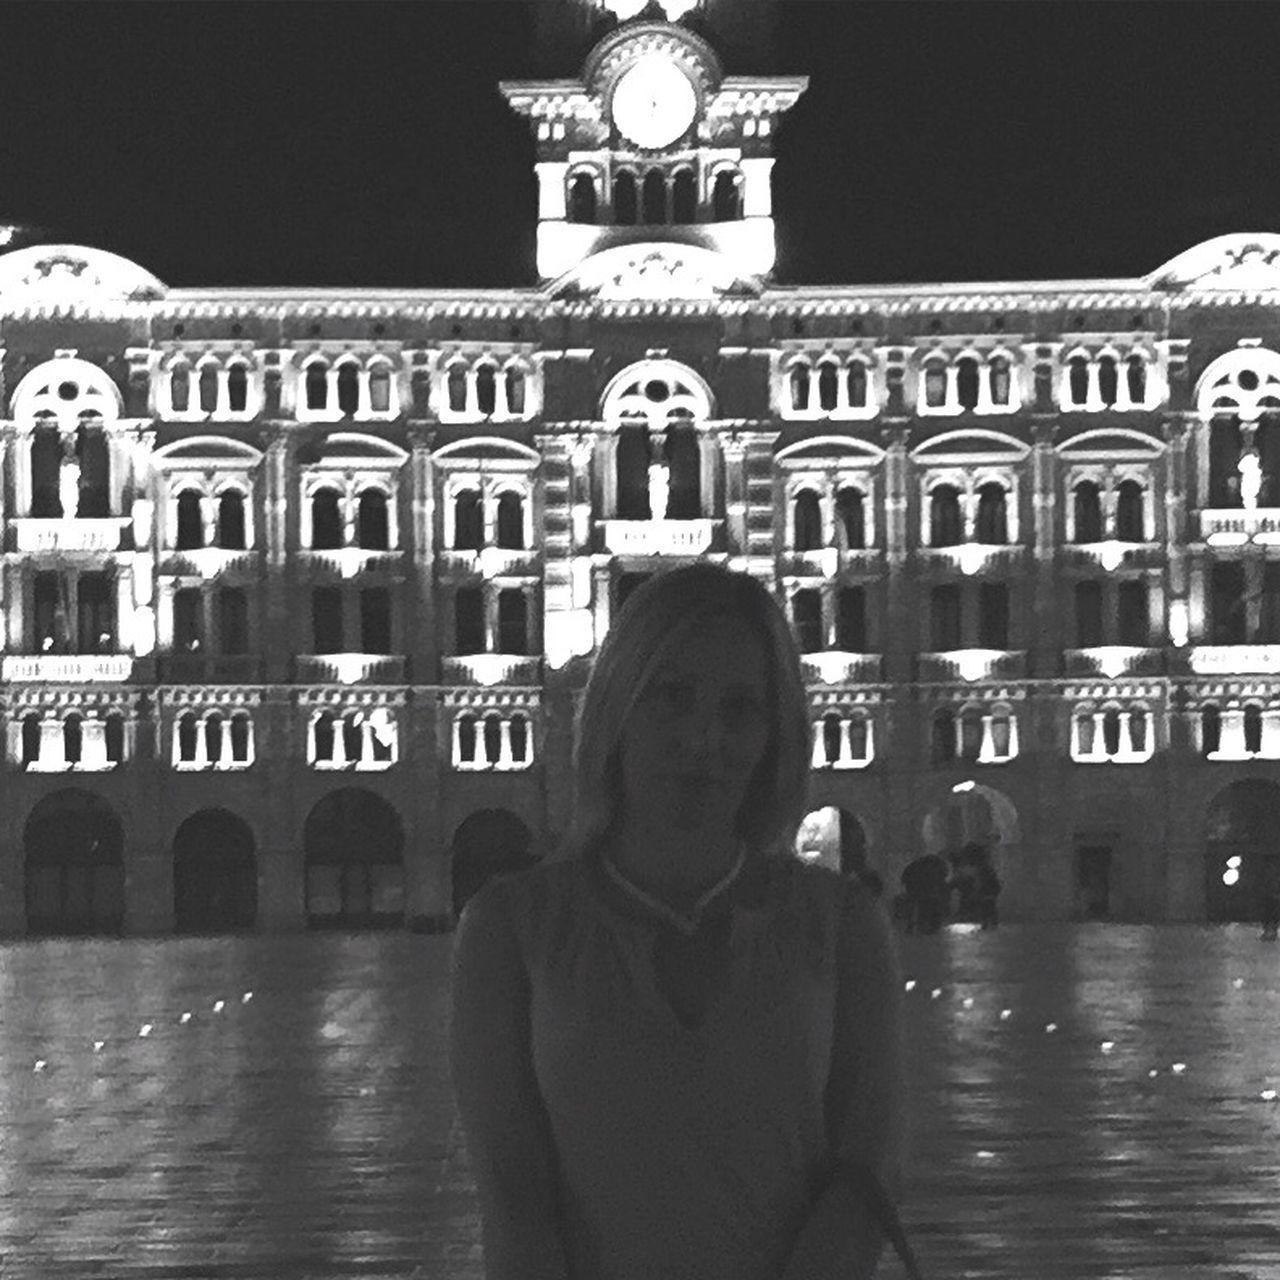 Trieste Piazza Dell'unità Molo